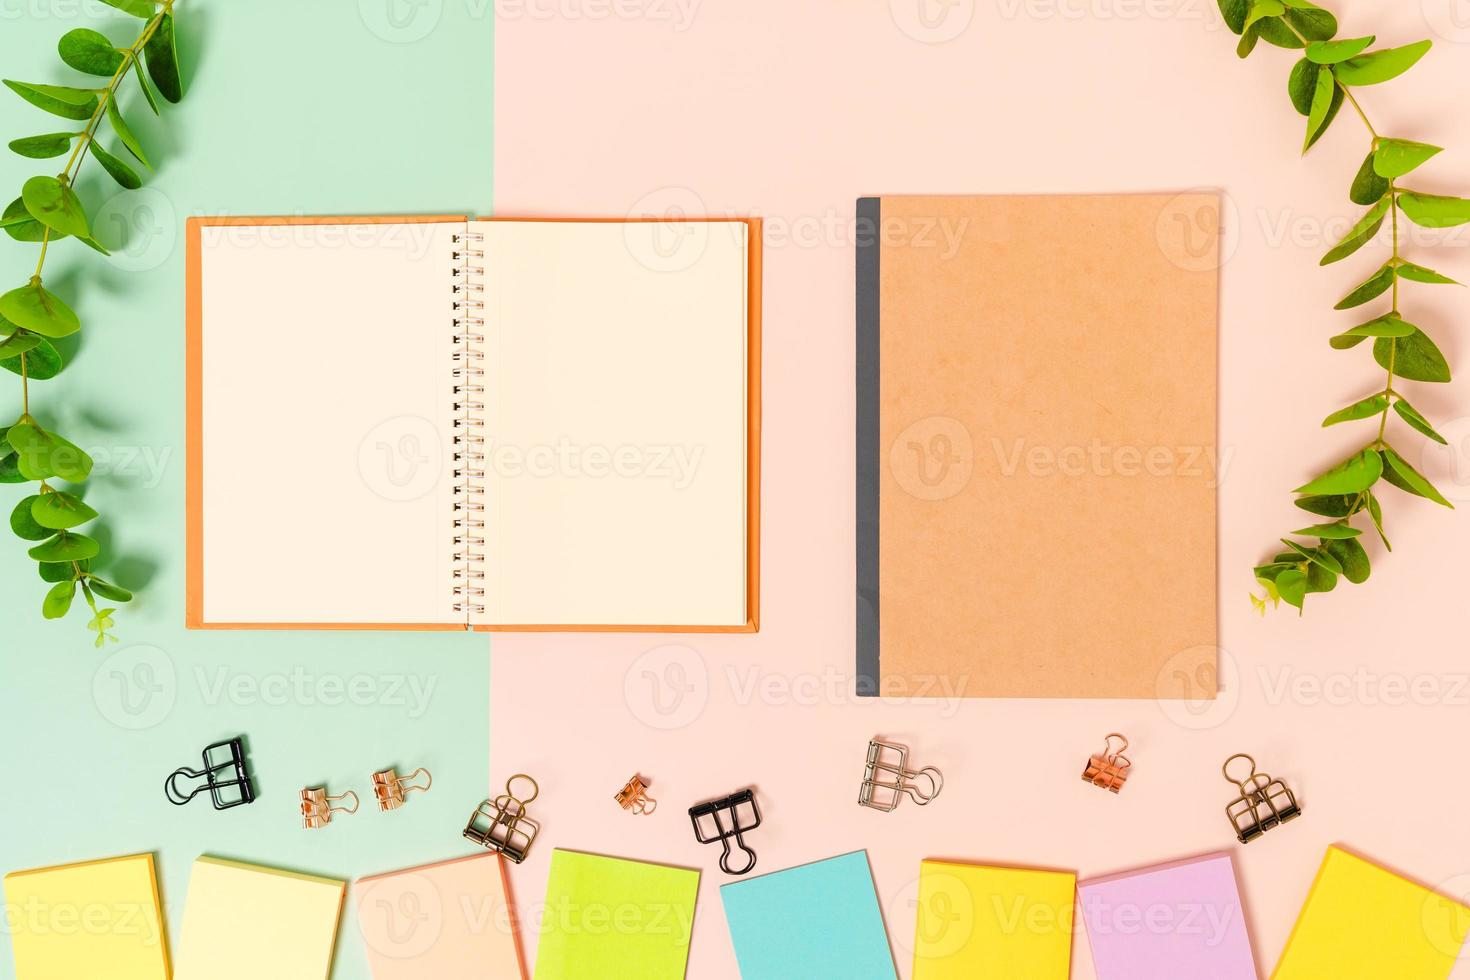 kreatives flaches Laienfoto des Arbeitsplatzschreibtisches. Schreibtisch von oben mit Haftnotiz und offenem schwarzen Notizbuch auf pastellgrünem rosa Hintergrund. Draufsichtmodell mit Kopienraumfotografie. foto